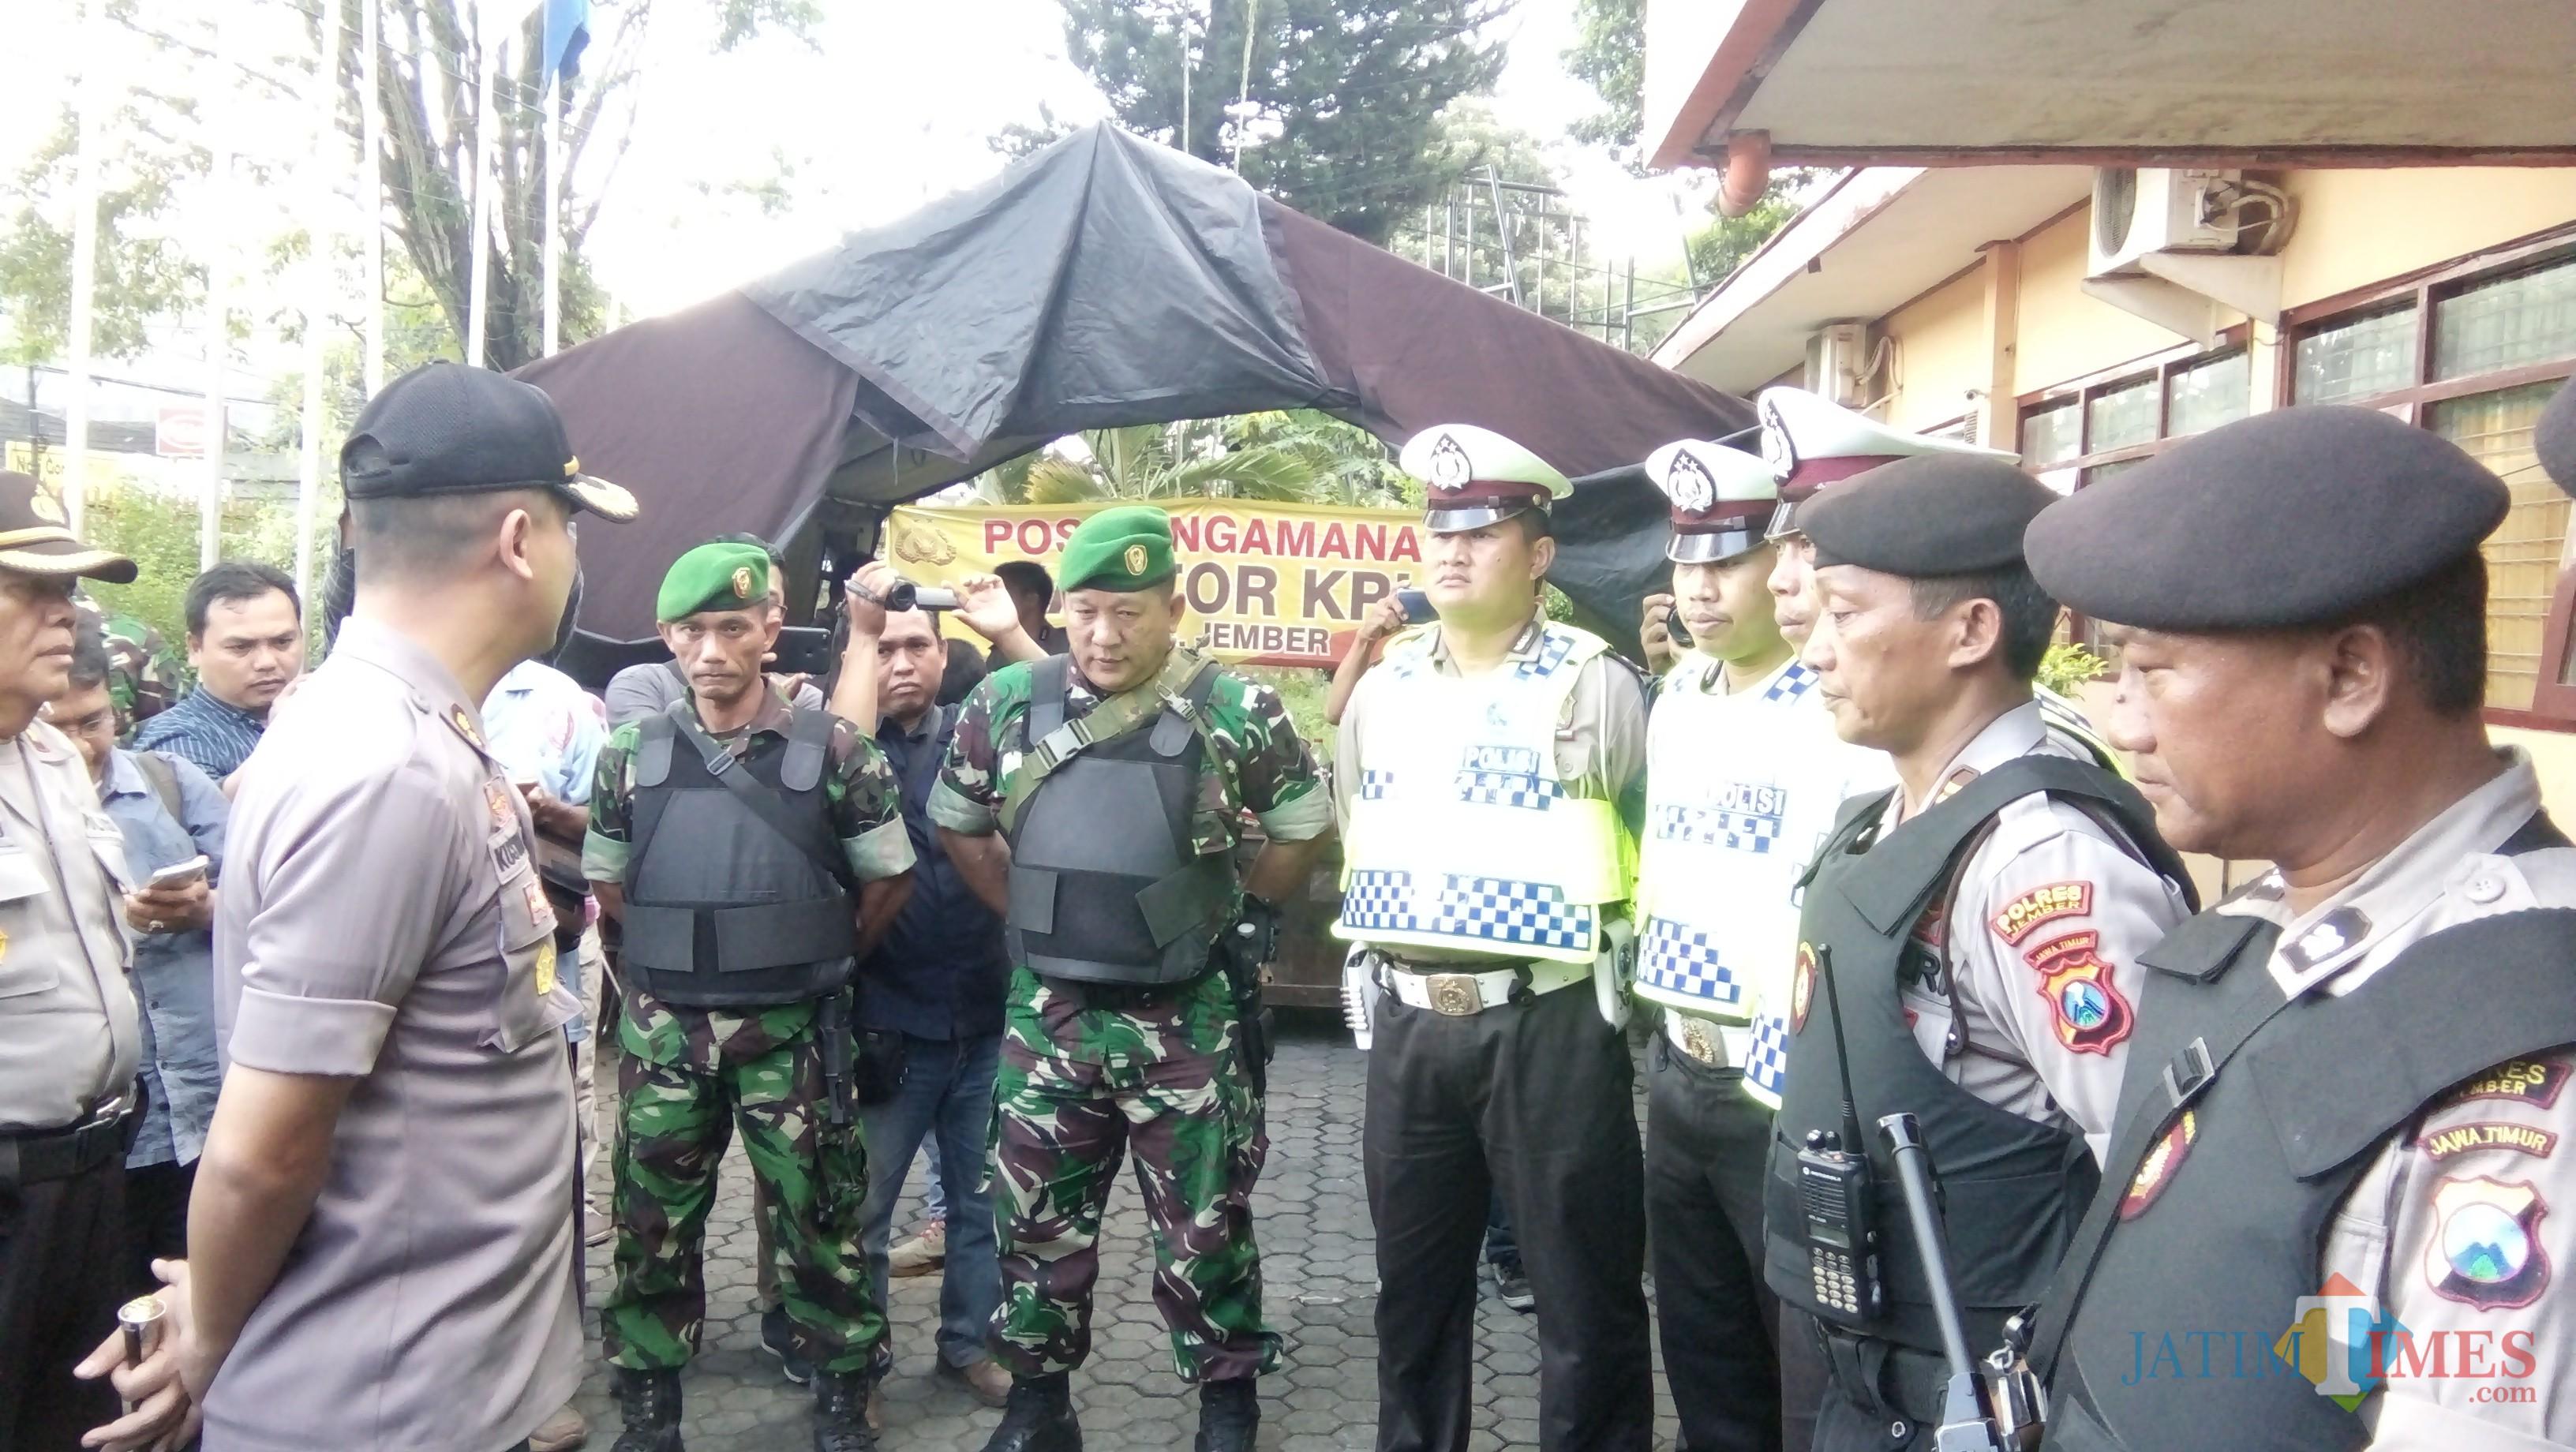 Kapolres Jember AKBP. Kusworo Wibowo saat memberikan APP kepada petugas pengawalan form DB1 dari Jember ke Surabaya (foto : Moh. Ali Makrus / JatimTIMES)